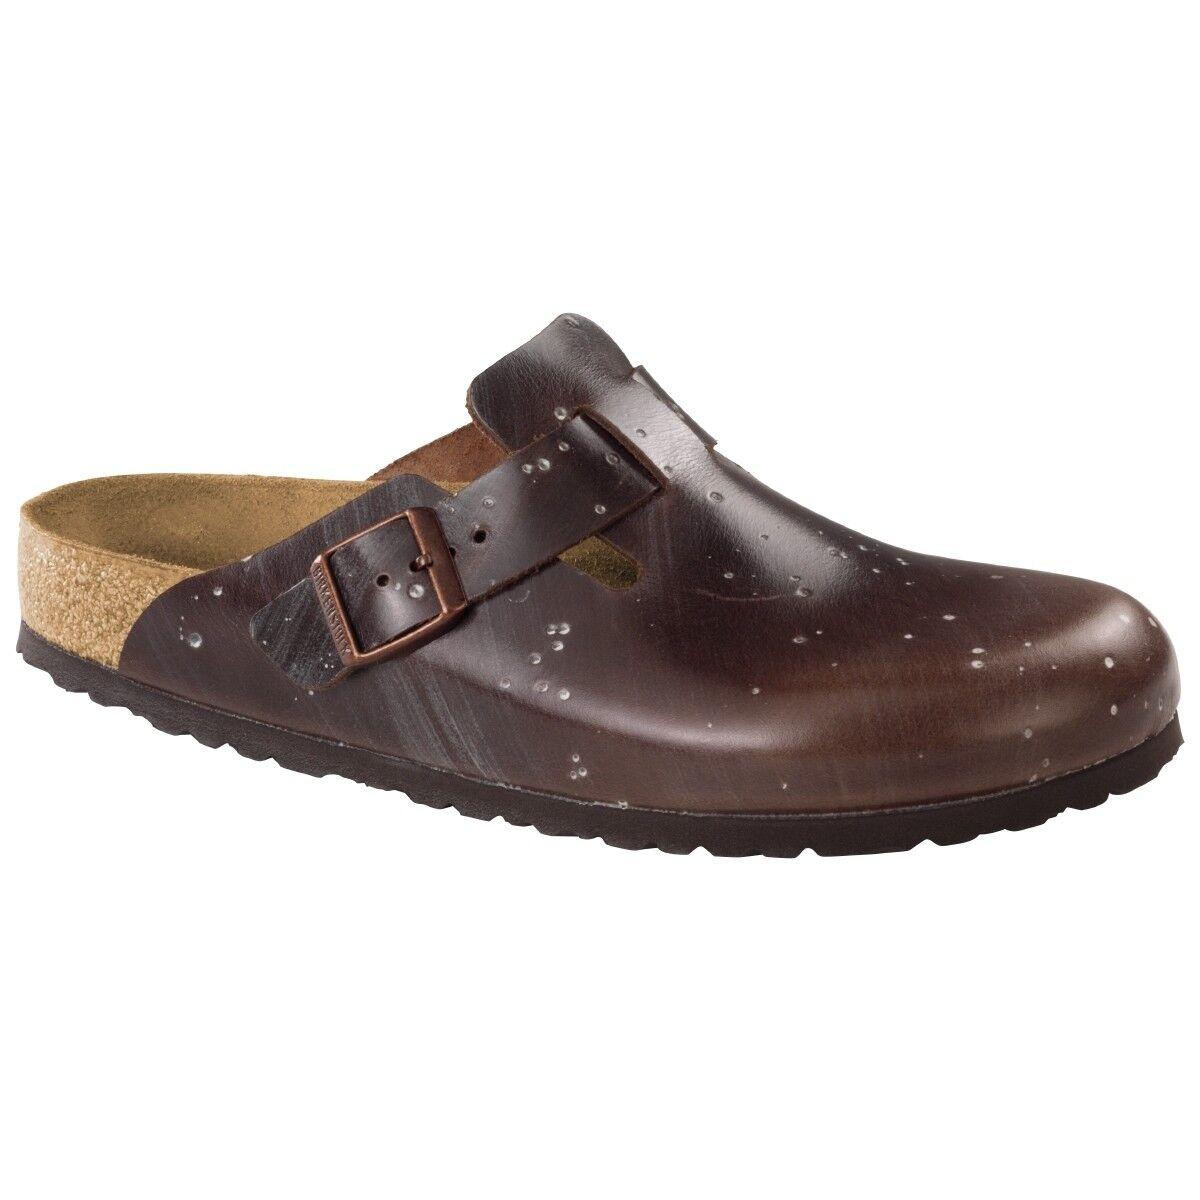 Birkenstock Boston Leder Clogs Schuhe Pantolette Clog brown Weite normal 1006580